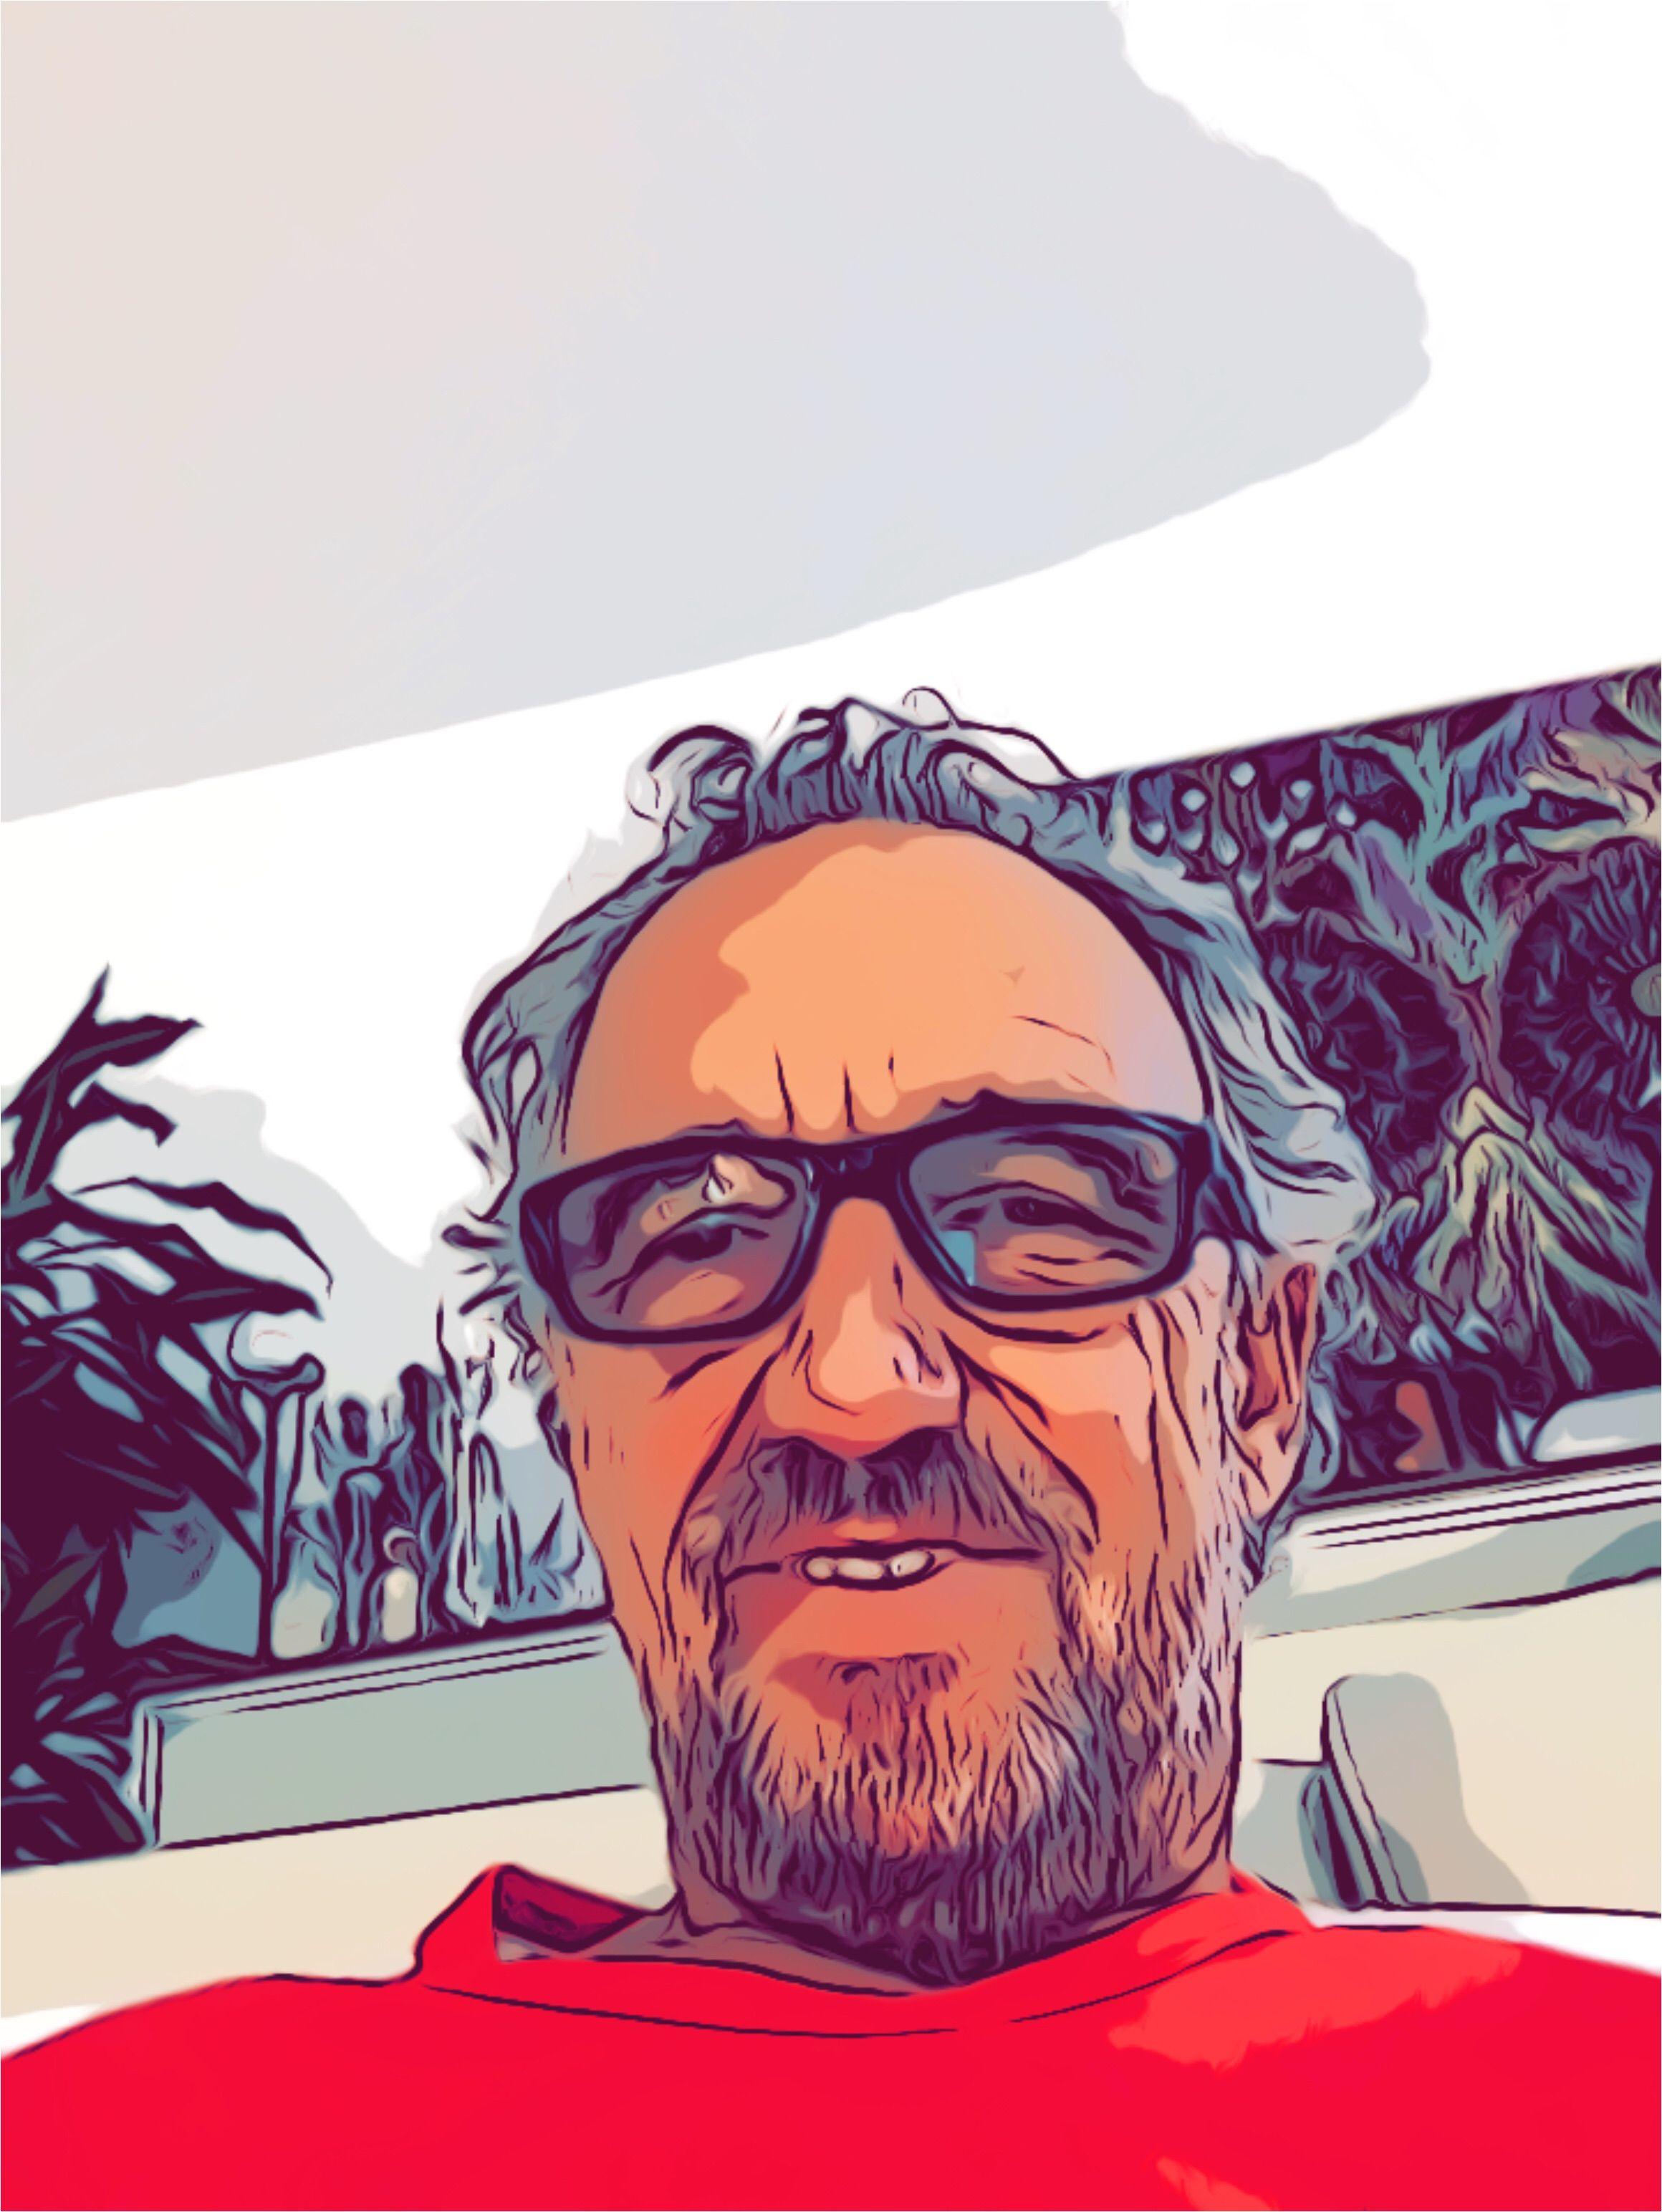 Avatar of golfer named Wolfgang Schmittseifer